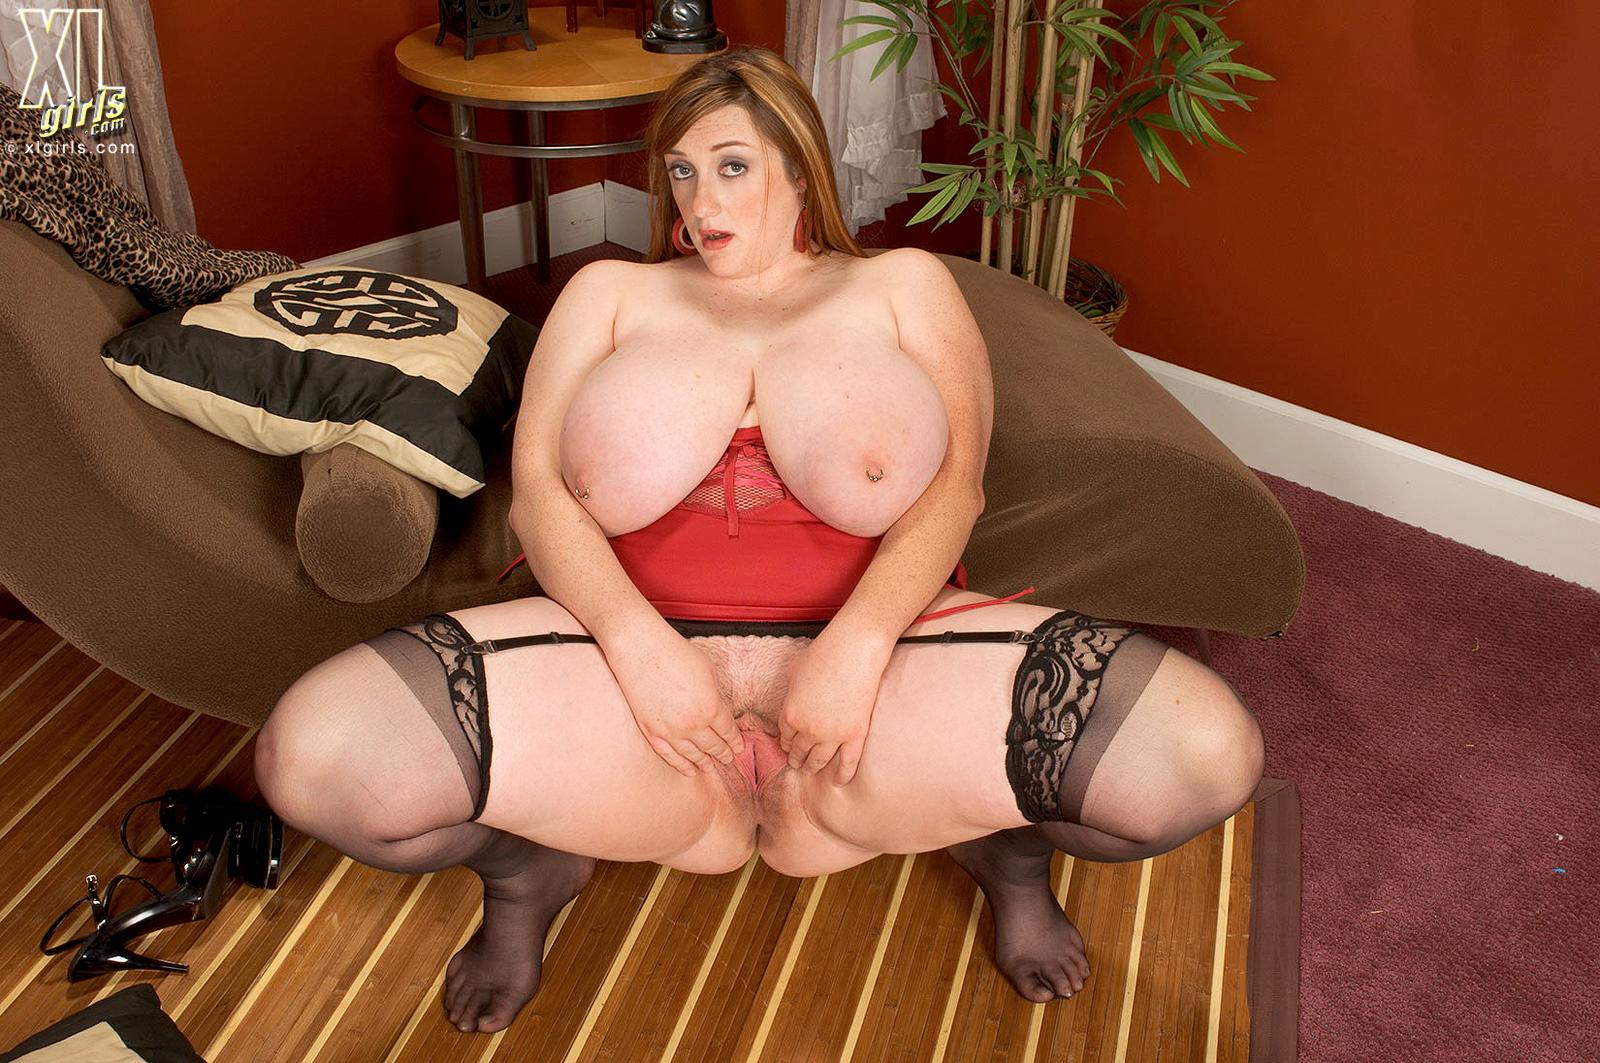 Фото галереи толстой бабы, Голые толстушки и толстухи - зрелые толстые женщины 3 фотография